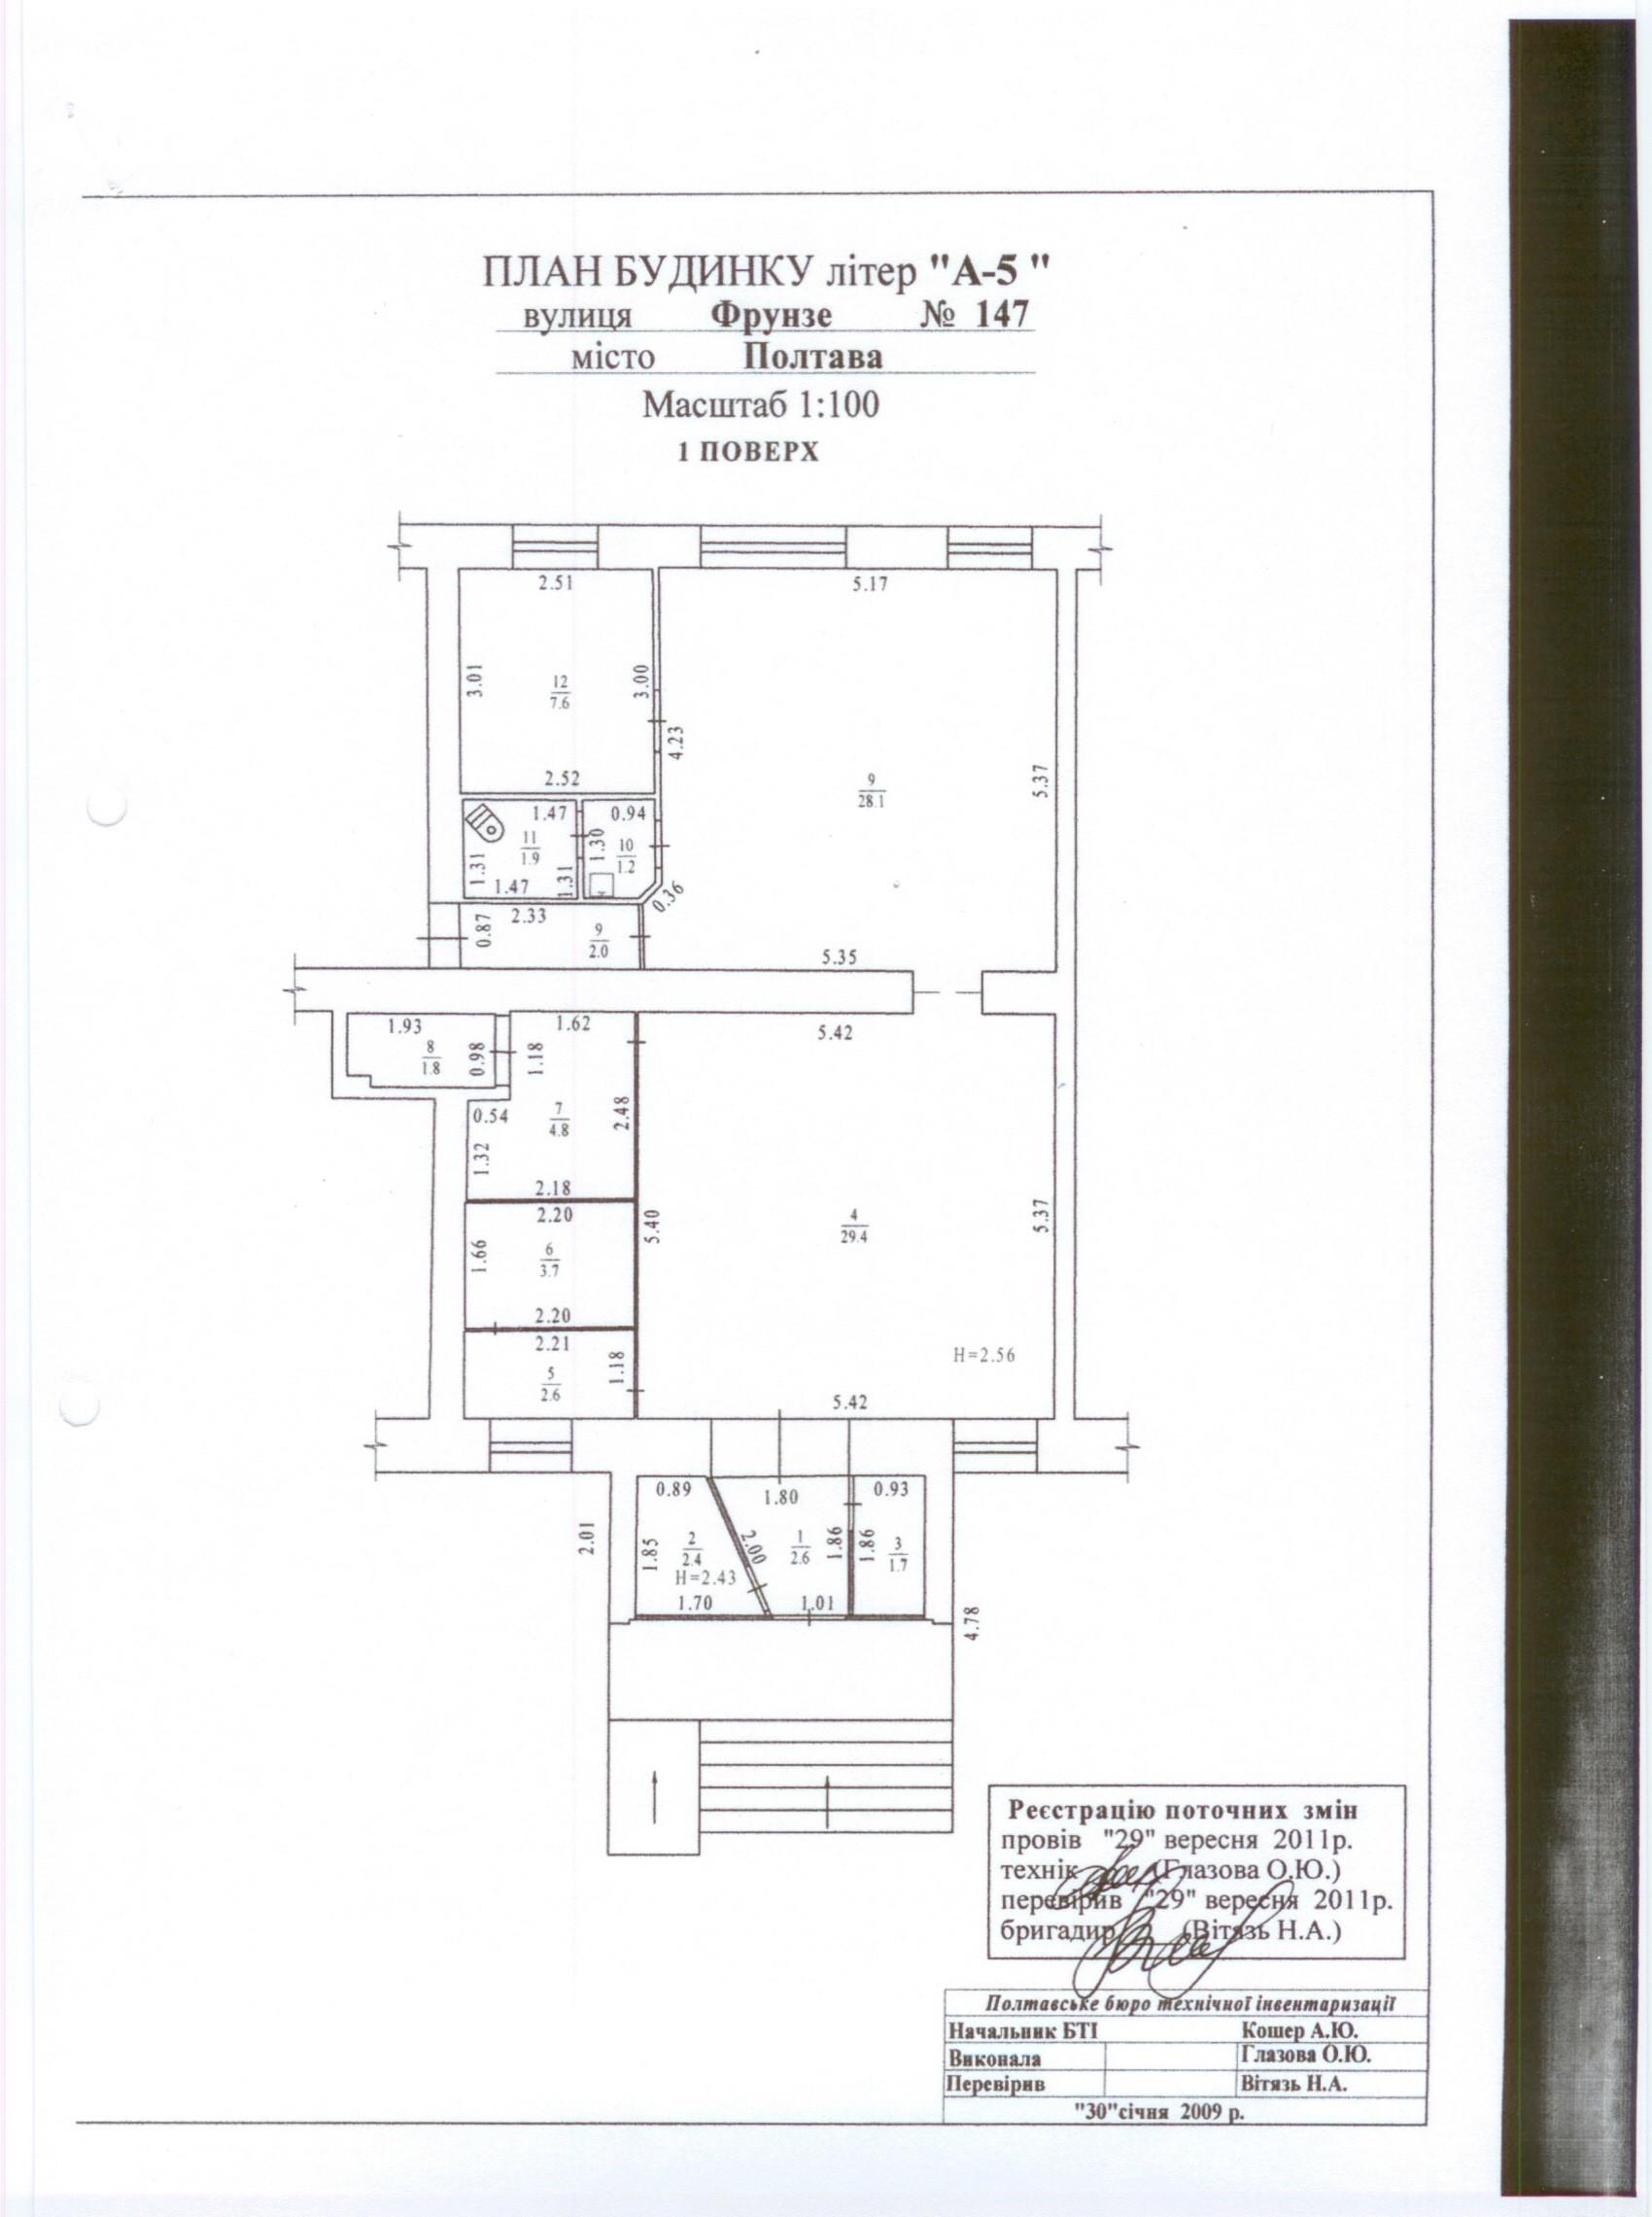 Нежитлові приміщення, що належать АТ «РОДОВІД БАНК» в житловому будинку А-5 (Приміщення 1-го поверху вбудоване в багатоквартирний житловий будинок), загальною площею 89,8 кв. м, що розташоване за адресою: м. Полтава вул. Європейська, буд. 147